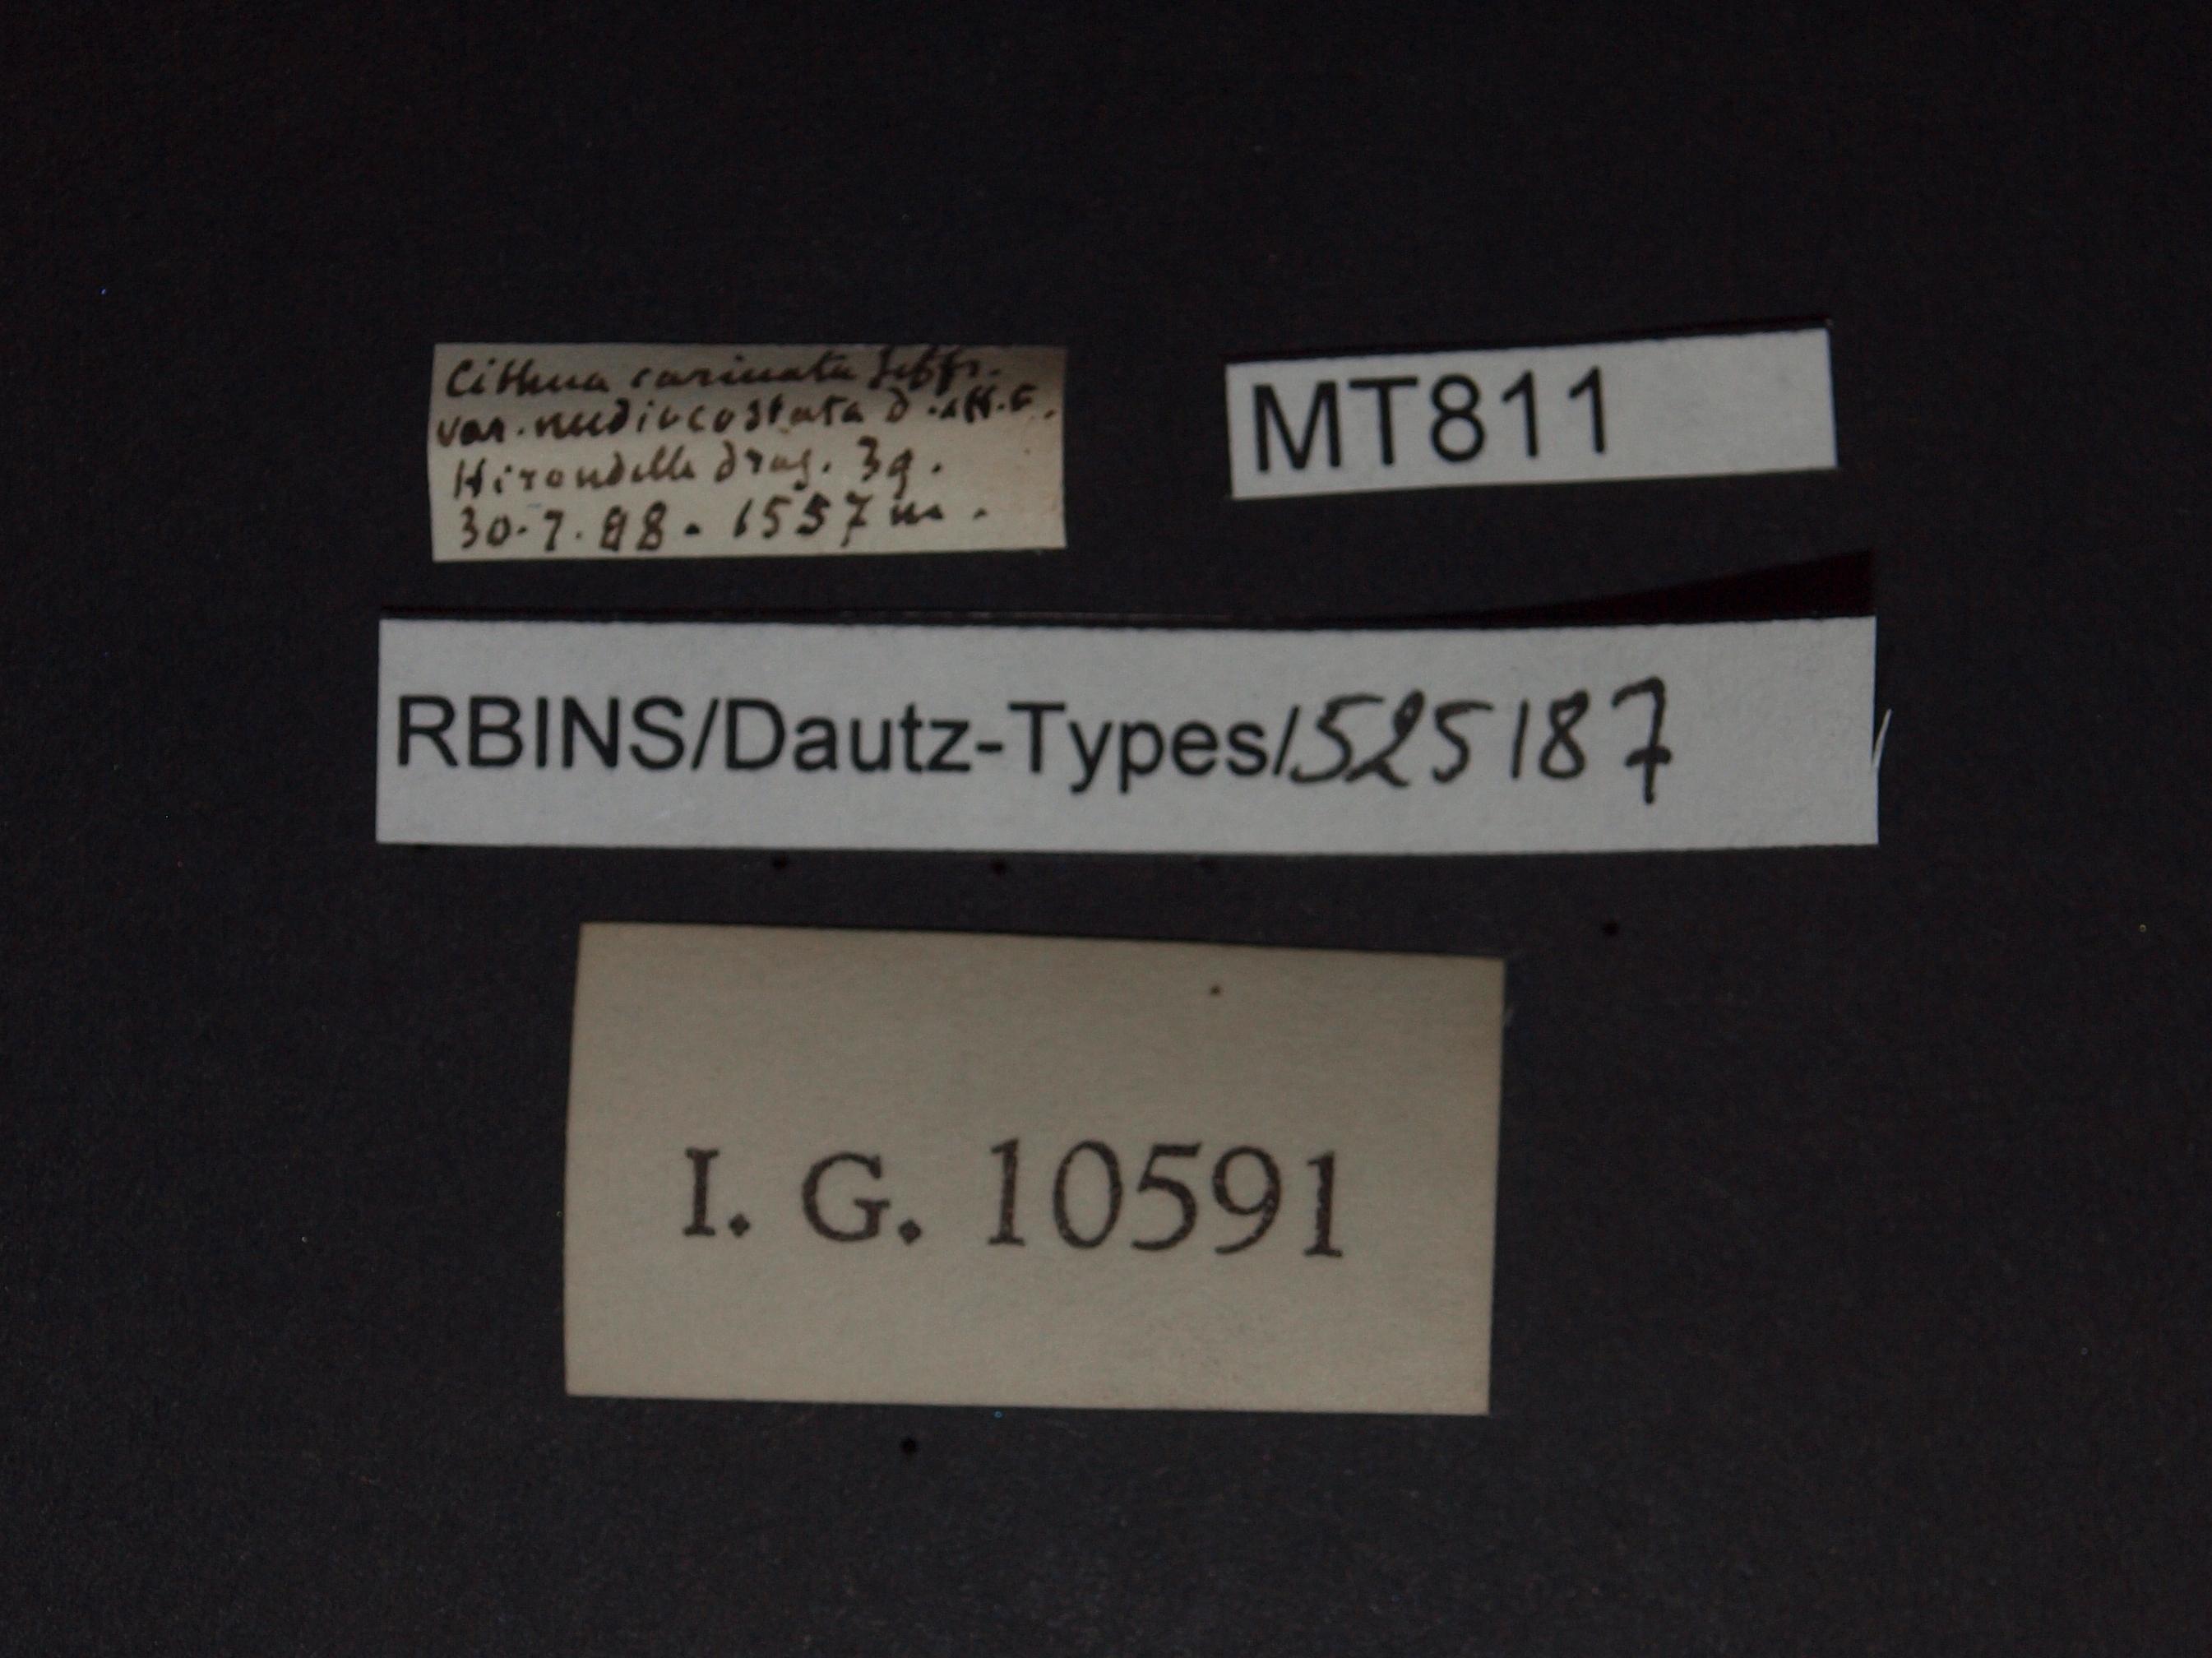 BE-RBINS-INV MT 811 Cithna carinata var. mediocostata pt Lb.jpg